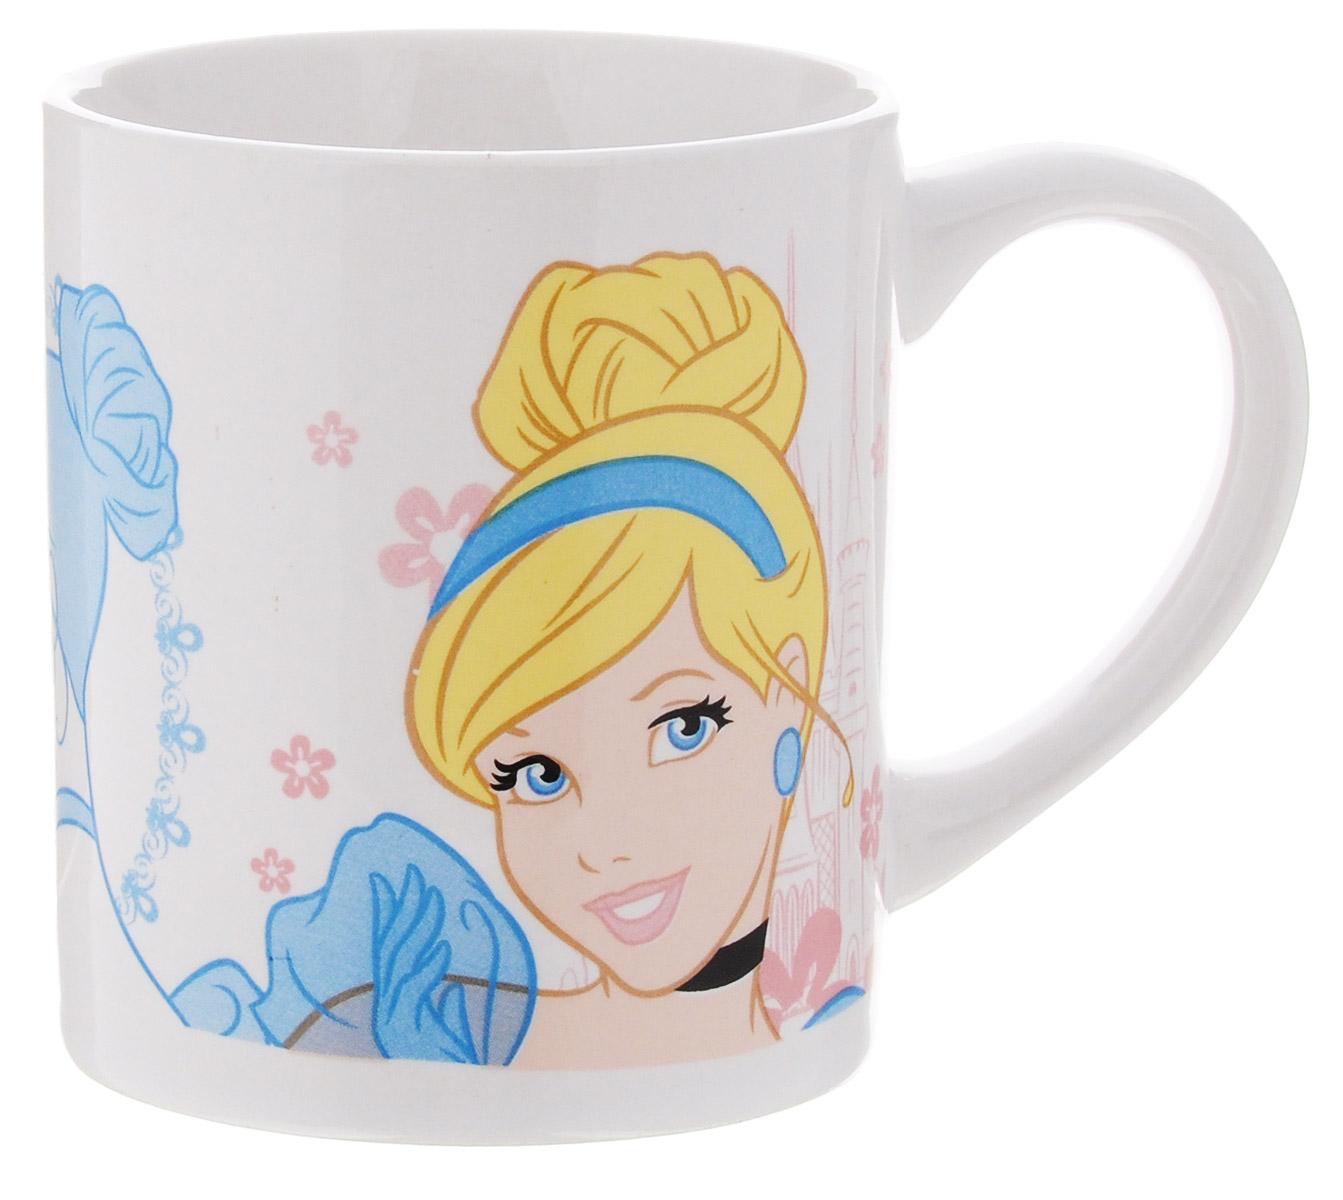 Disney Кружка детская Принцессы 210 мл913411Детская кружка Disney Принцессы с любимыми героями станет отличным подарком для вашего ребенка. Она выполнена из керамики и оформлена изображением диснеевской принцессы. Кружка дополнена удобной ручкой. Такой подарок станет не только приятным, но и практичным сувениром: кружка будет незаменимым атрибутом чаепития, а оригинальное оформление кружки добавит ярких эмоций и хорошего настроения.Можно использовать в СВЧ-печи и посудомоечной машине.